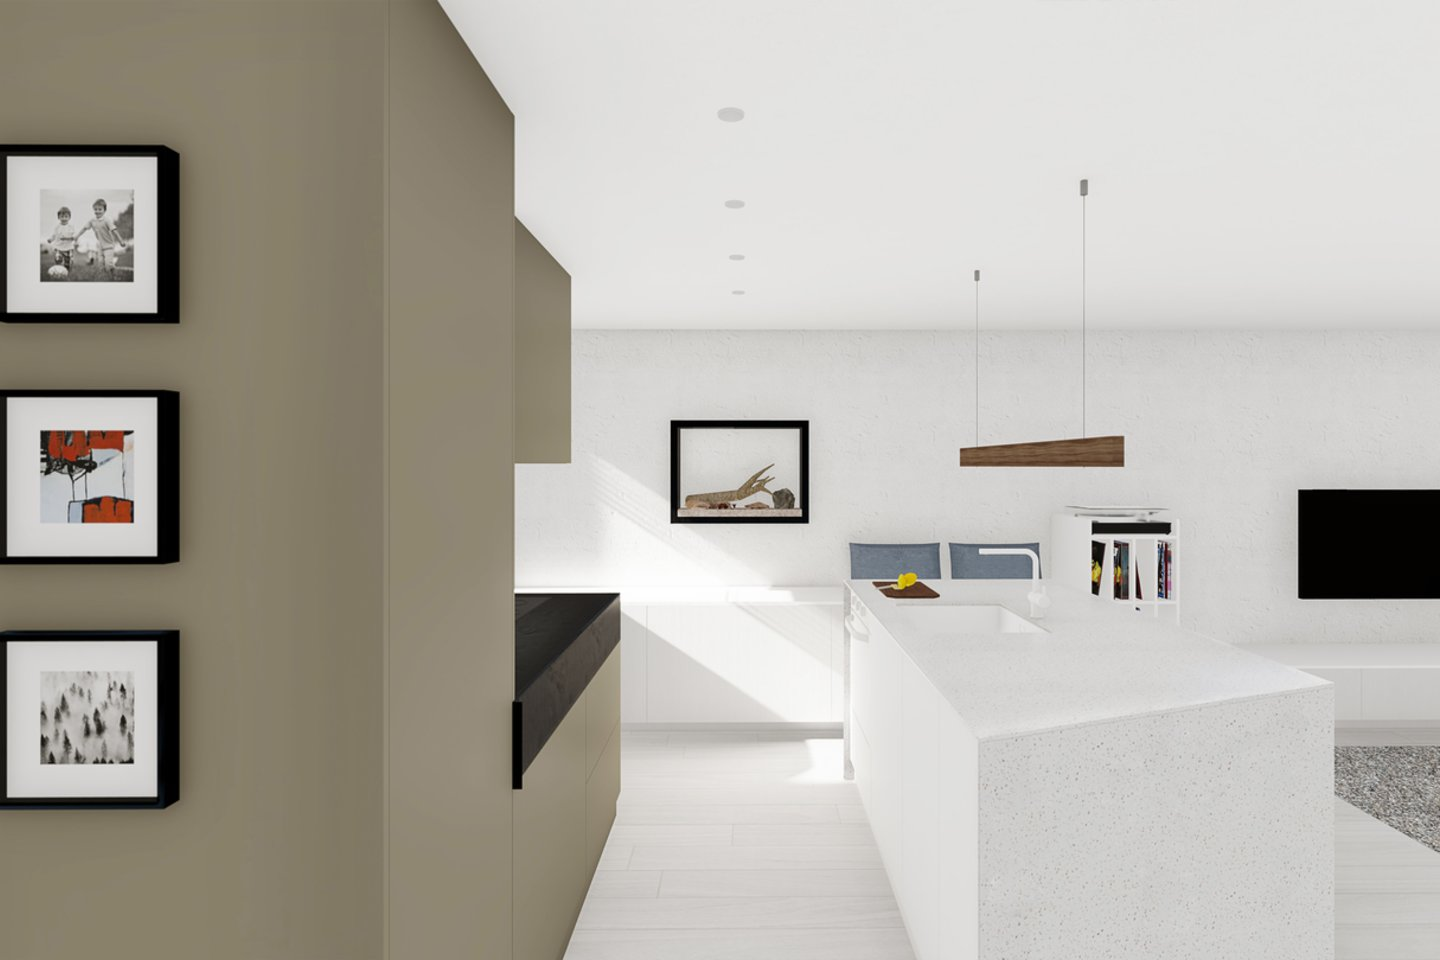 Idealiuoju atveju, jei į specialistą kreipiamasi laiku, interjero dizainerio darbas prasideda ne nuo apšvietimo projektavimo, o nuo objekto paskirties ir užsakovo analizės.<br>K. Čerkauskaitės vizual.